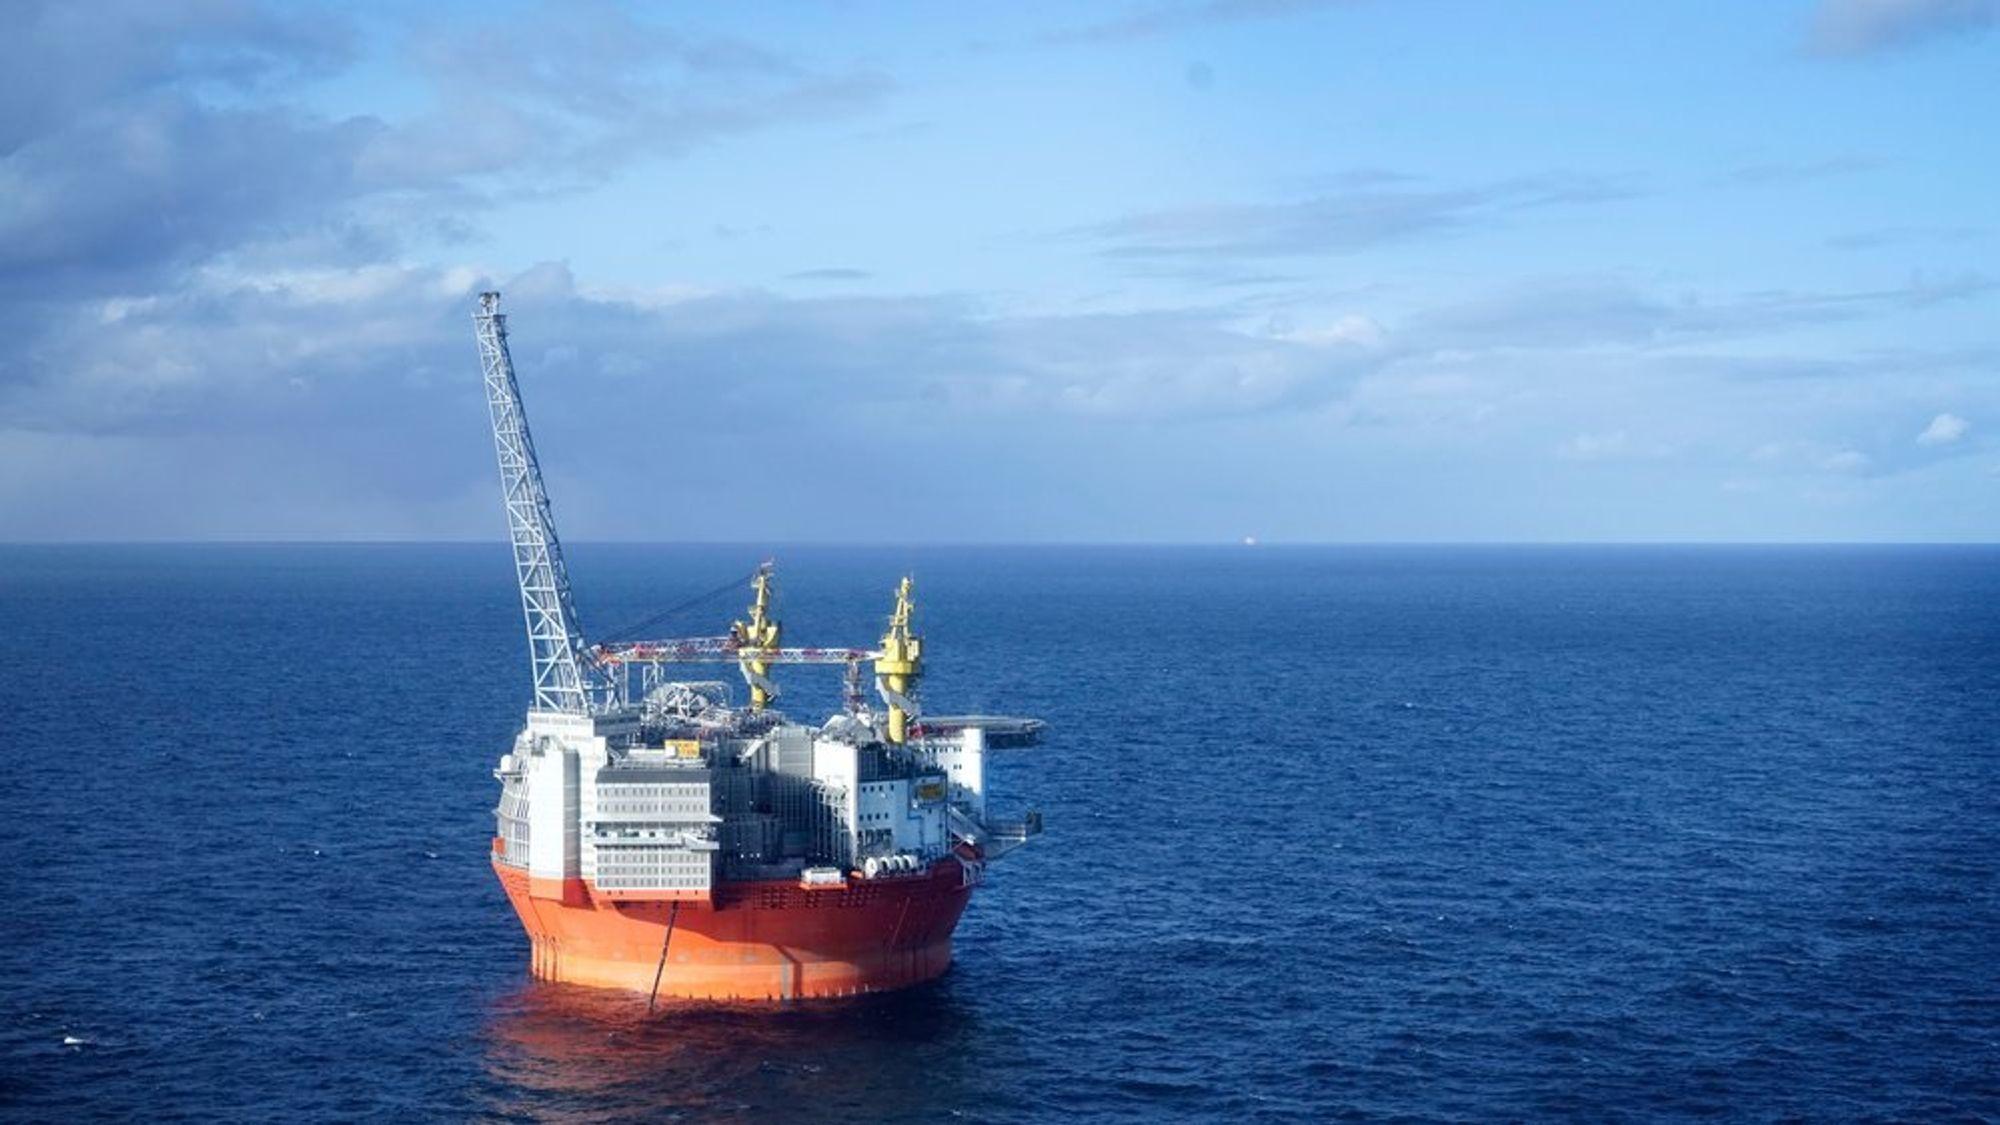 Vår Energi blir det fjerde største selskapet på norsk kontinentalsokkel. llustrasjonsbilde fra Goliat-plattformen, det første oljeproduserende prosjektet i Barentshavet, hvor Eni er operatør.